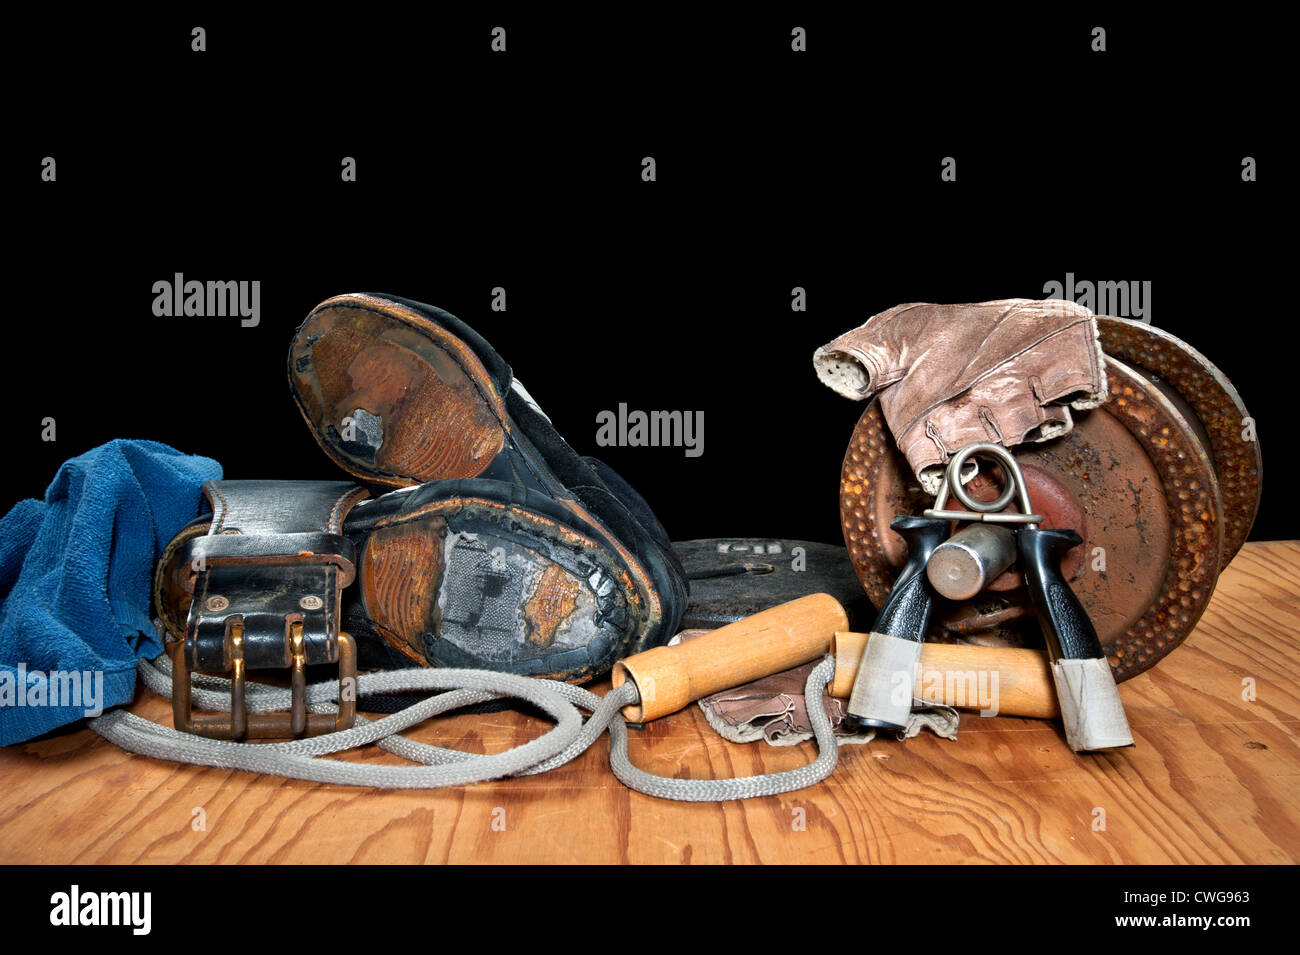 Une collection de vieux matériel d'exercice y compris les poignées, dumbell, sauter à la corde Photo Stock